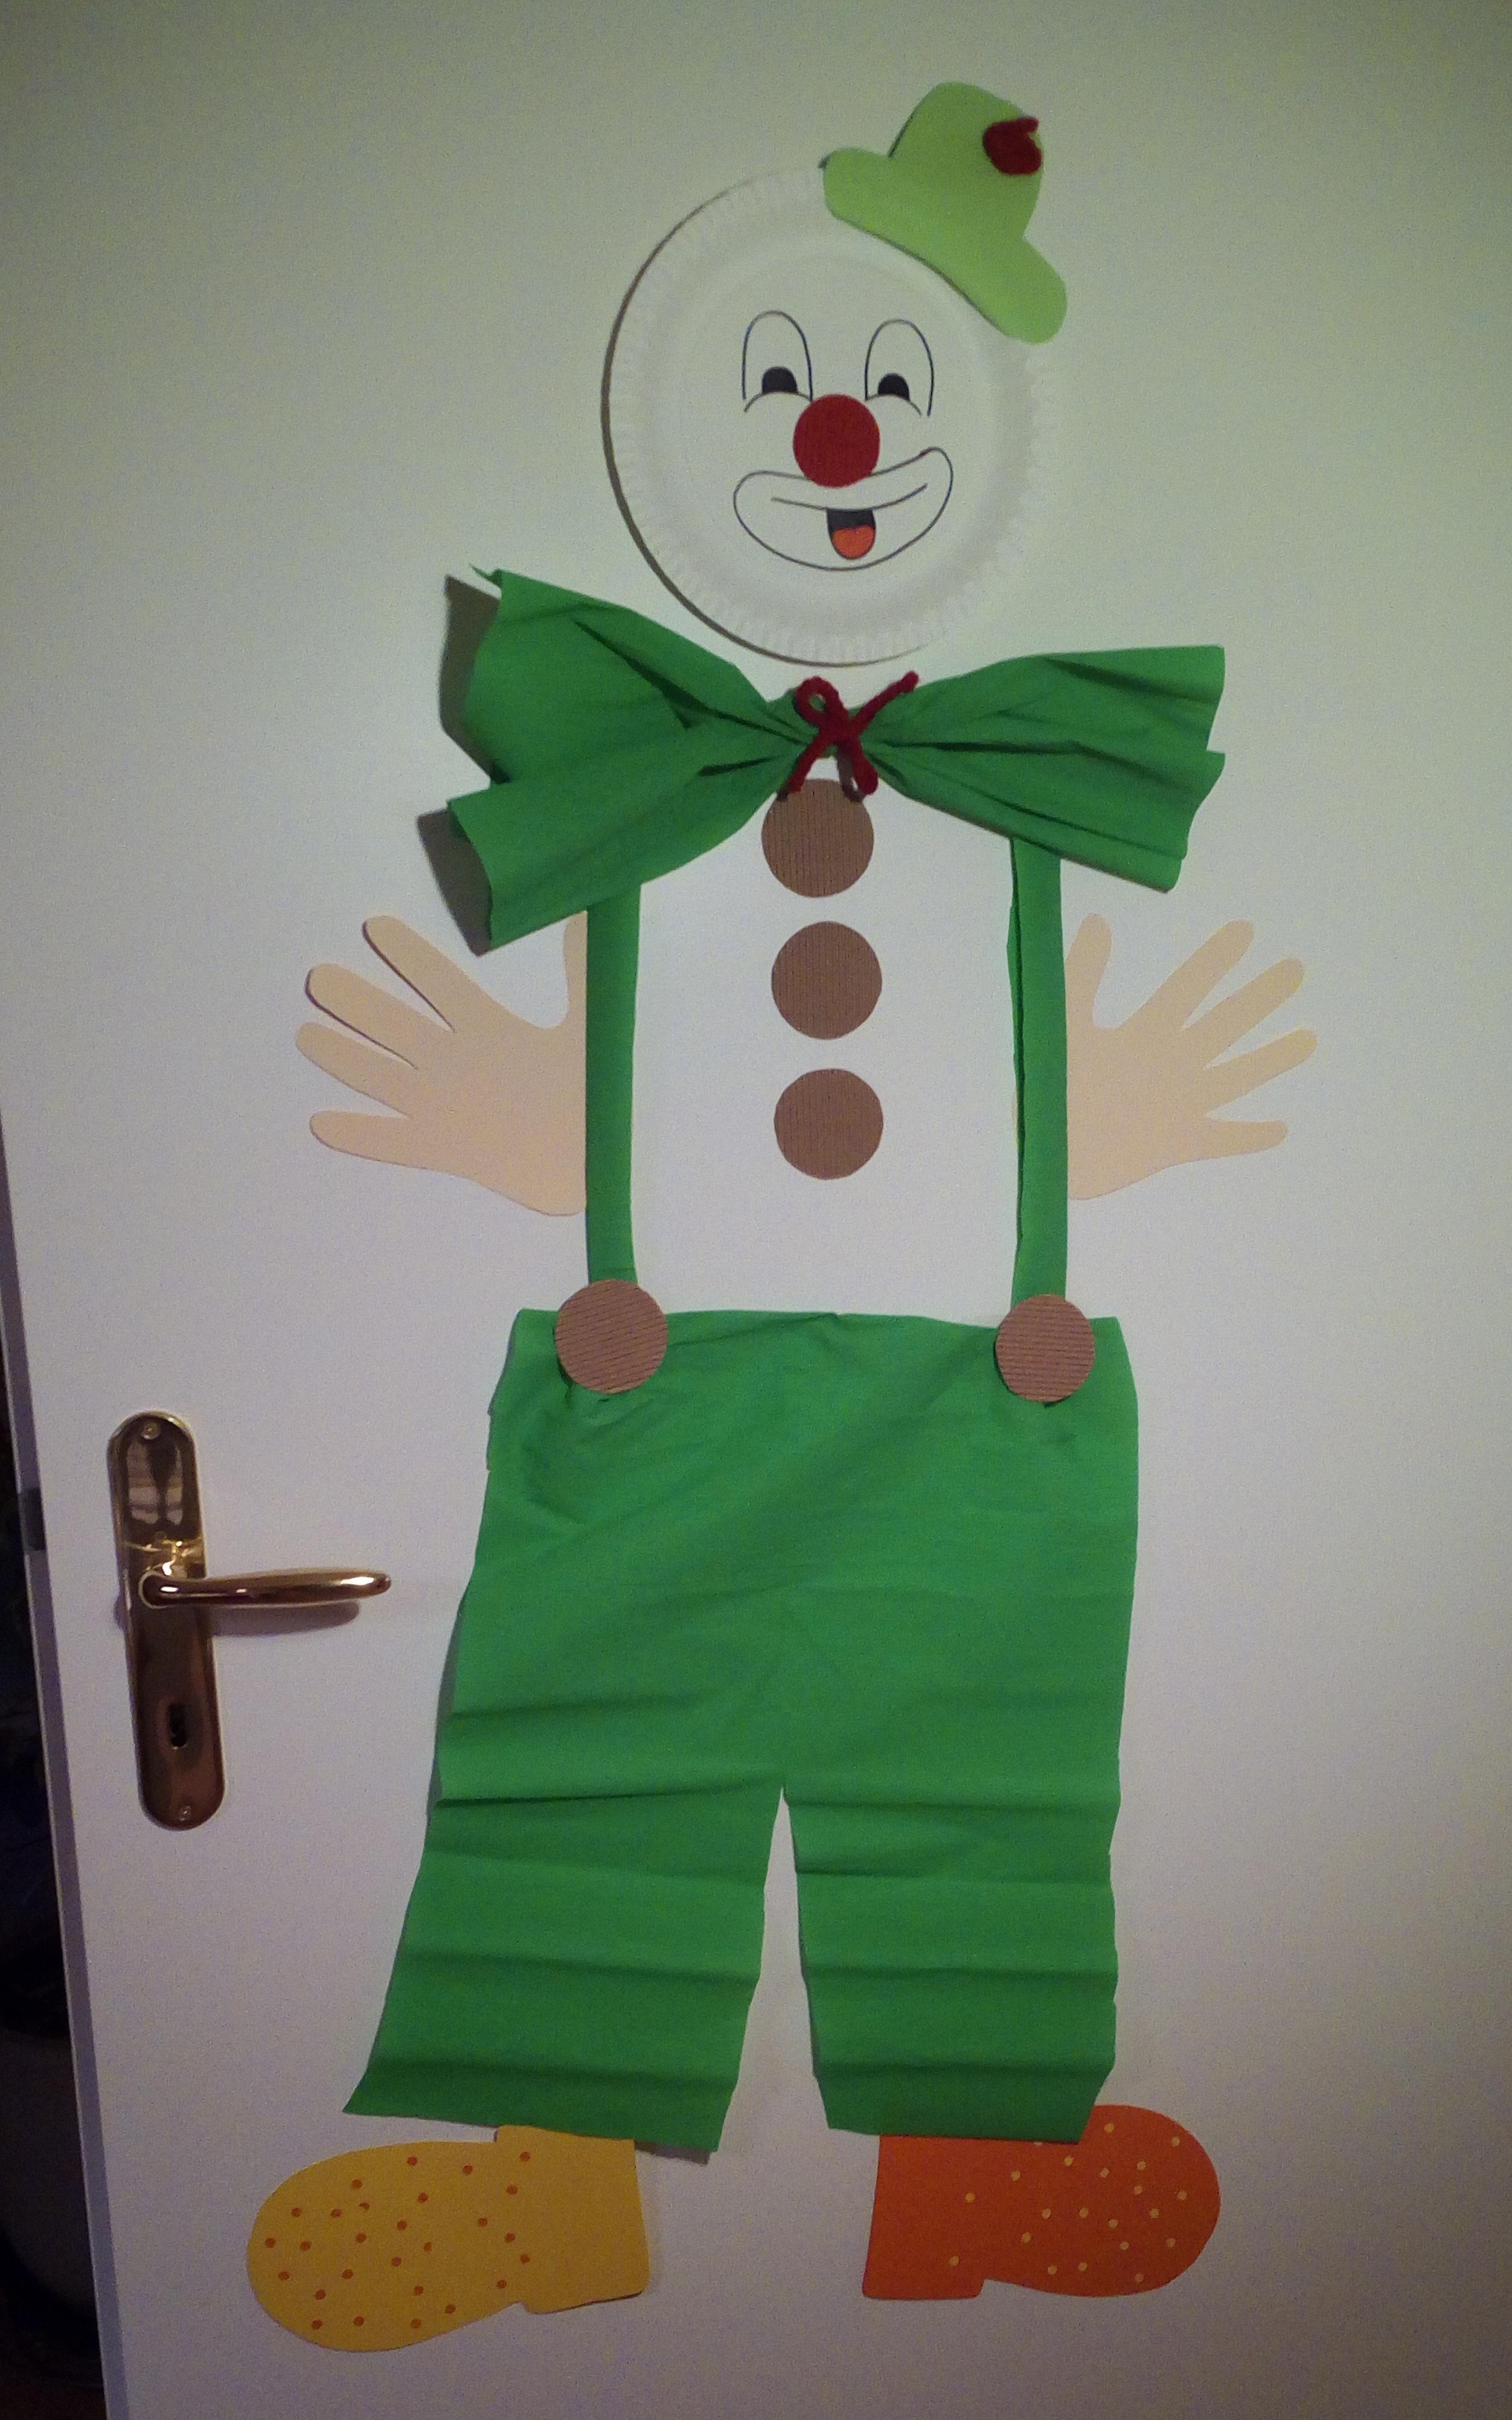 Clown Faschingsdekoration für die Tür basteln   MIFUS.de - DIY ...